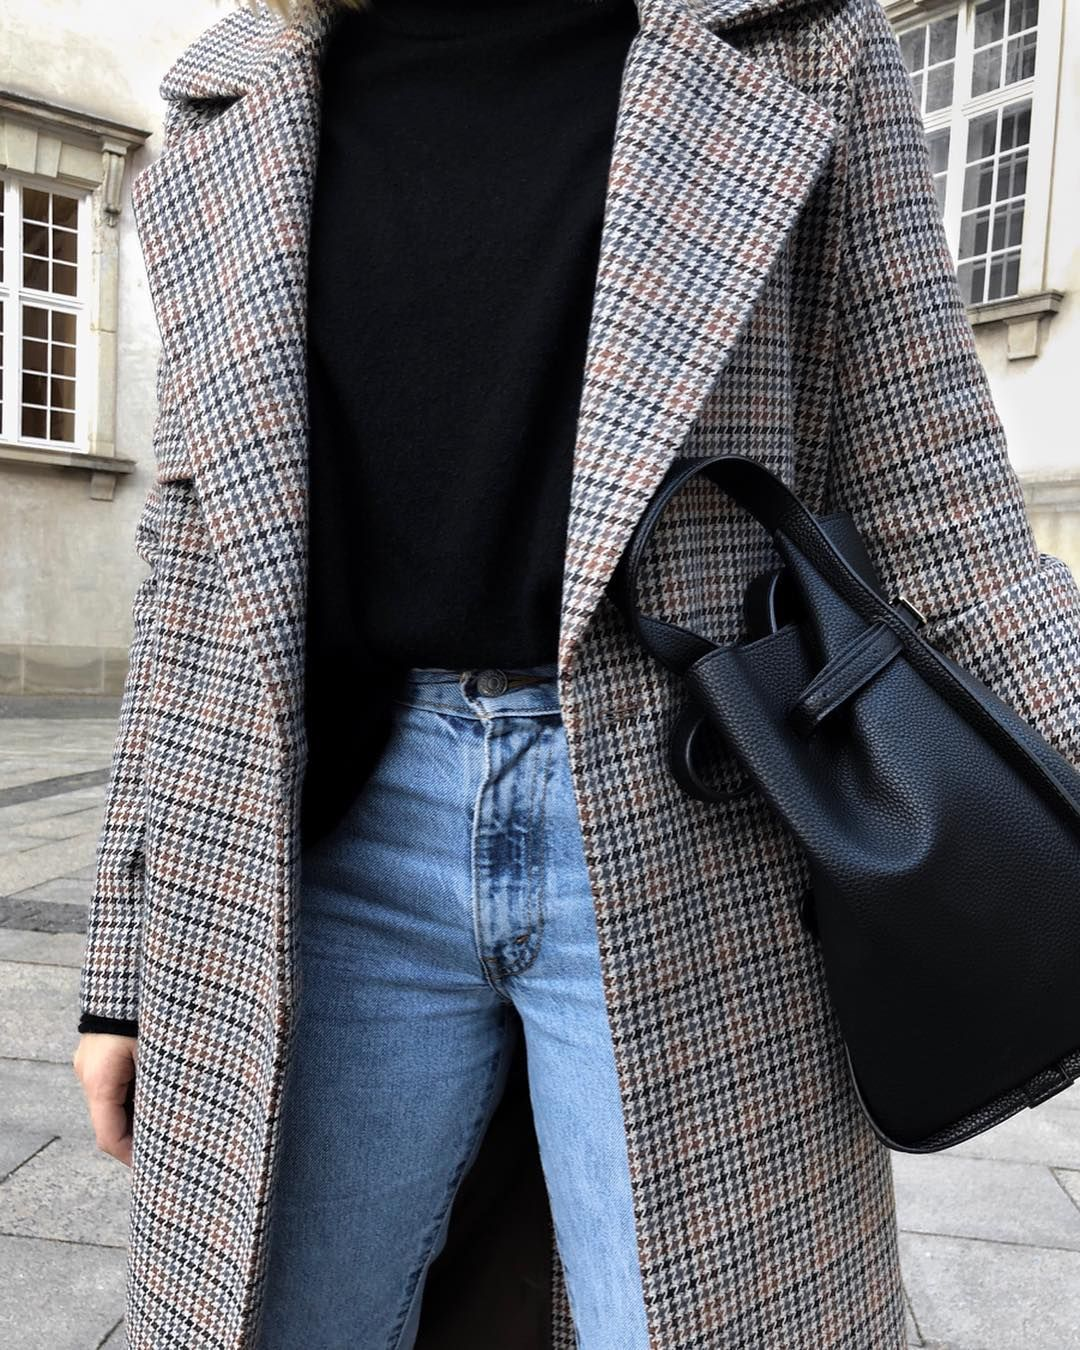 ριитєяєѕт: σʝα¢кѕσи128 | closet in 2019 | Style, Fashion ...